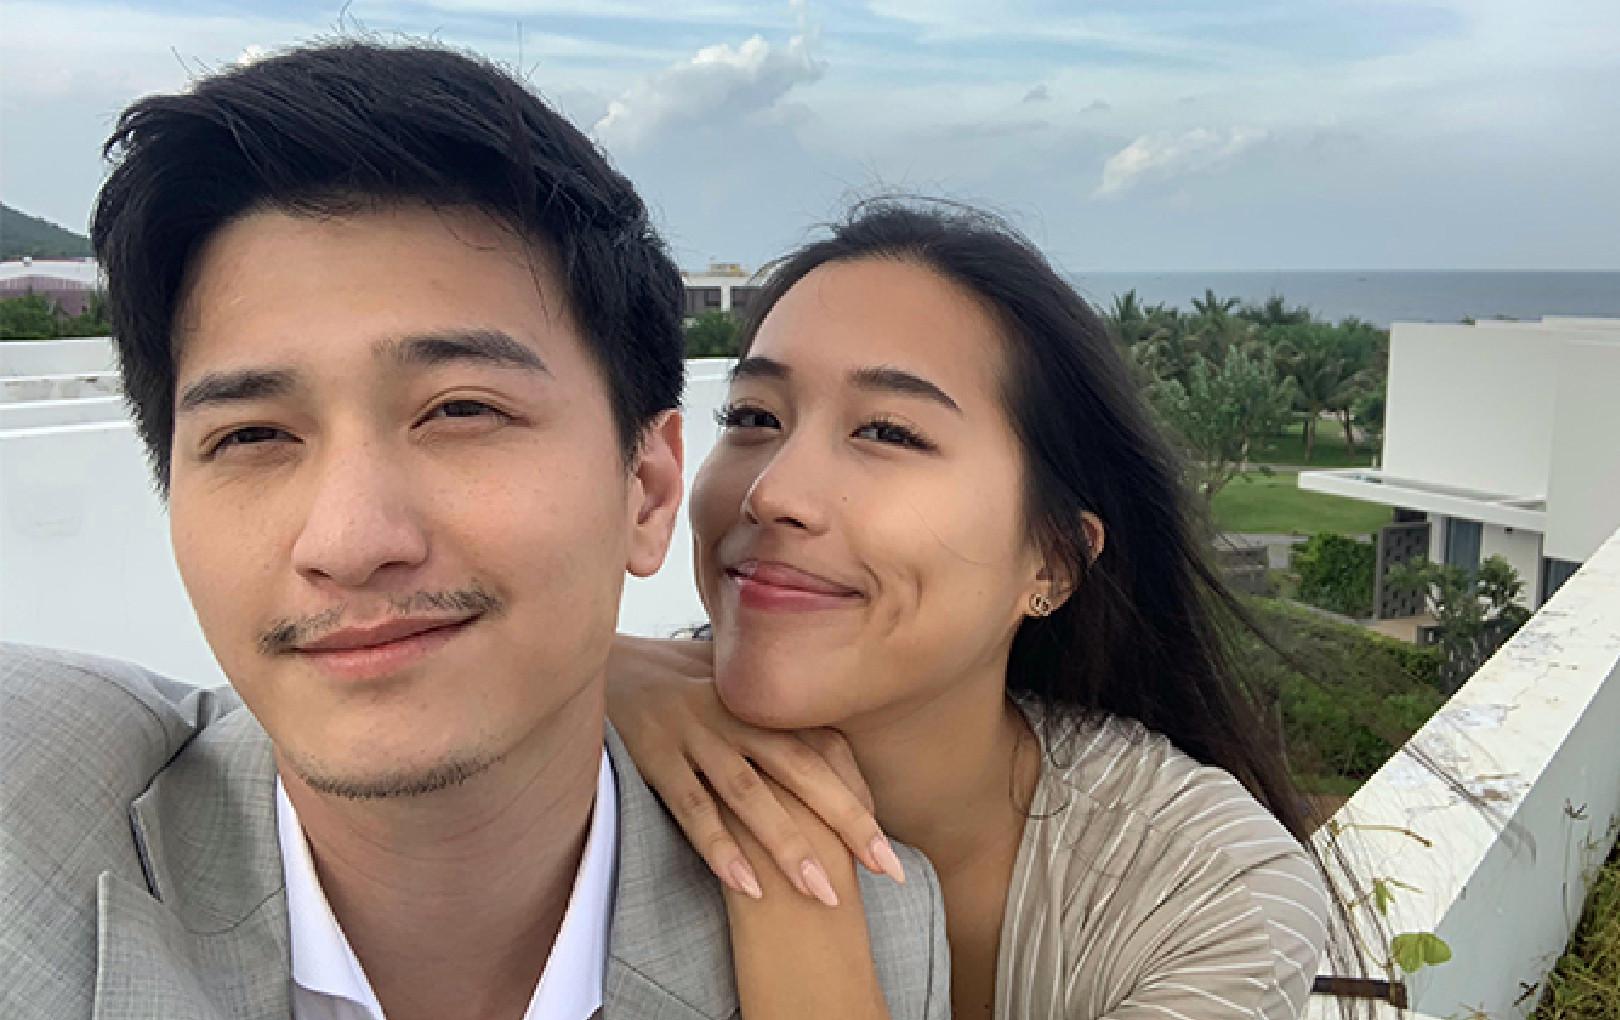 """Huỳnh Anh nhắn nhủ bạn gái Việt kiều hậu chia tay: """"Tạm biệt, người anh đã từng yêu"""""""